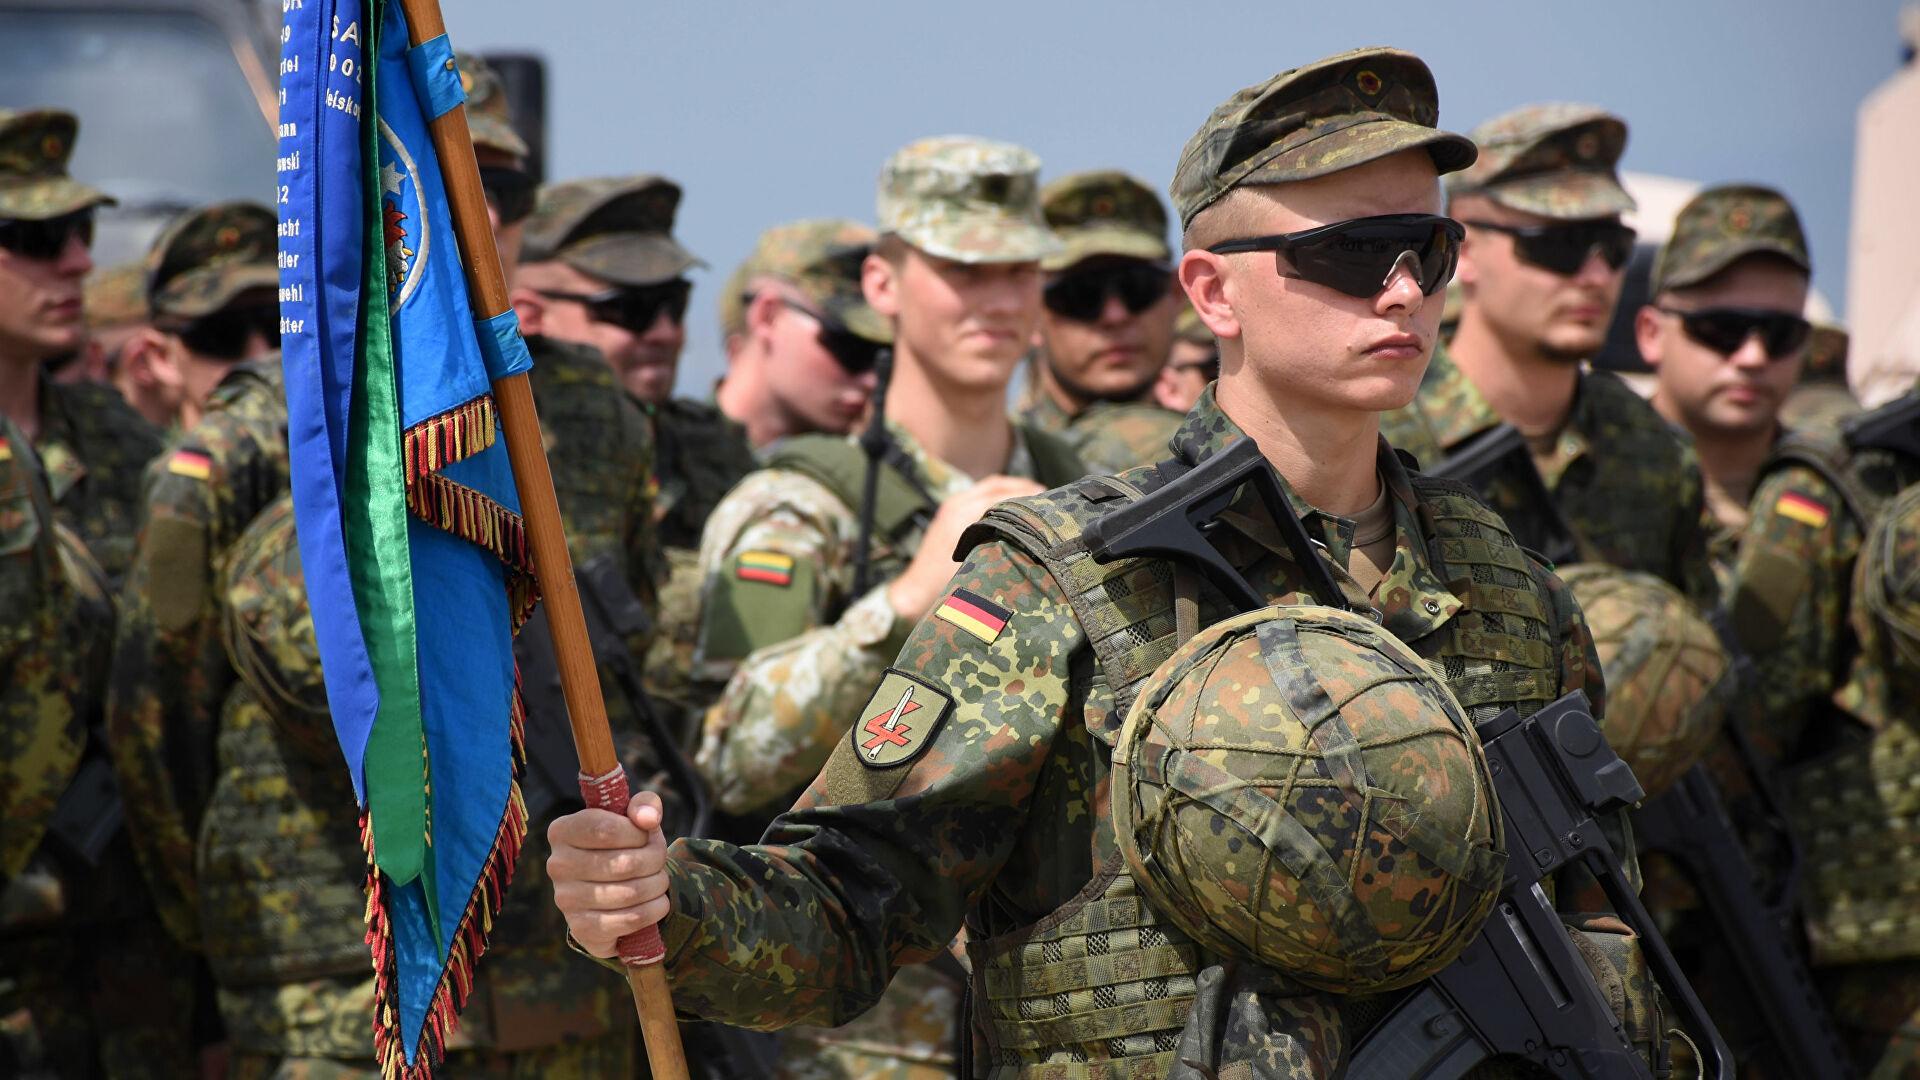 ФСБ: Пораст војне активности НАТО-а бележи се практично у свим областима руске државне границе